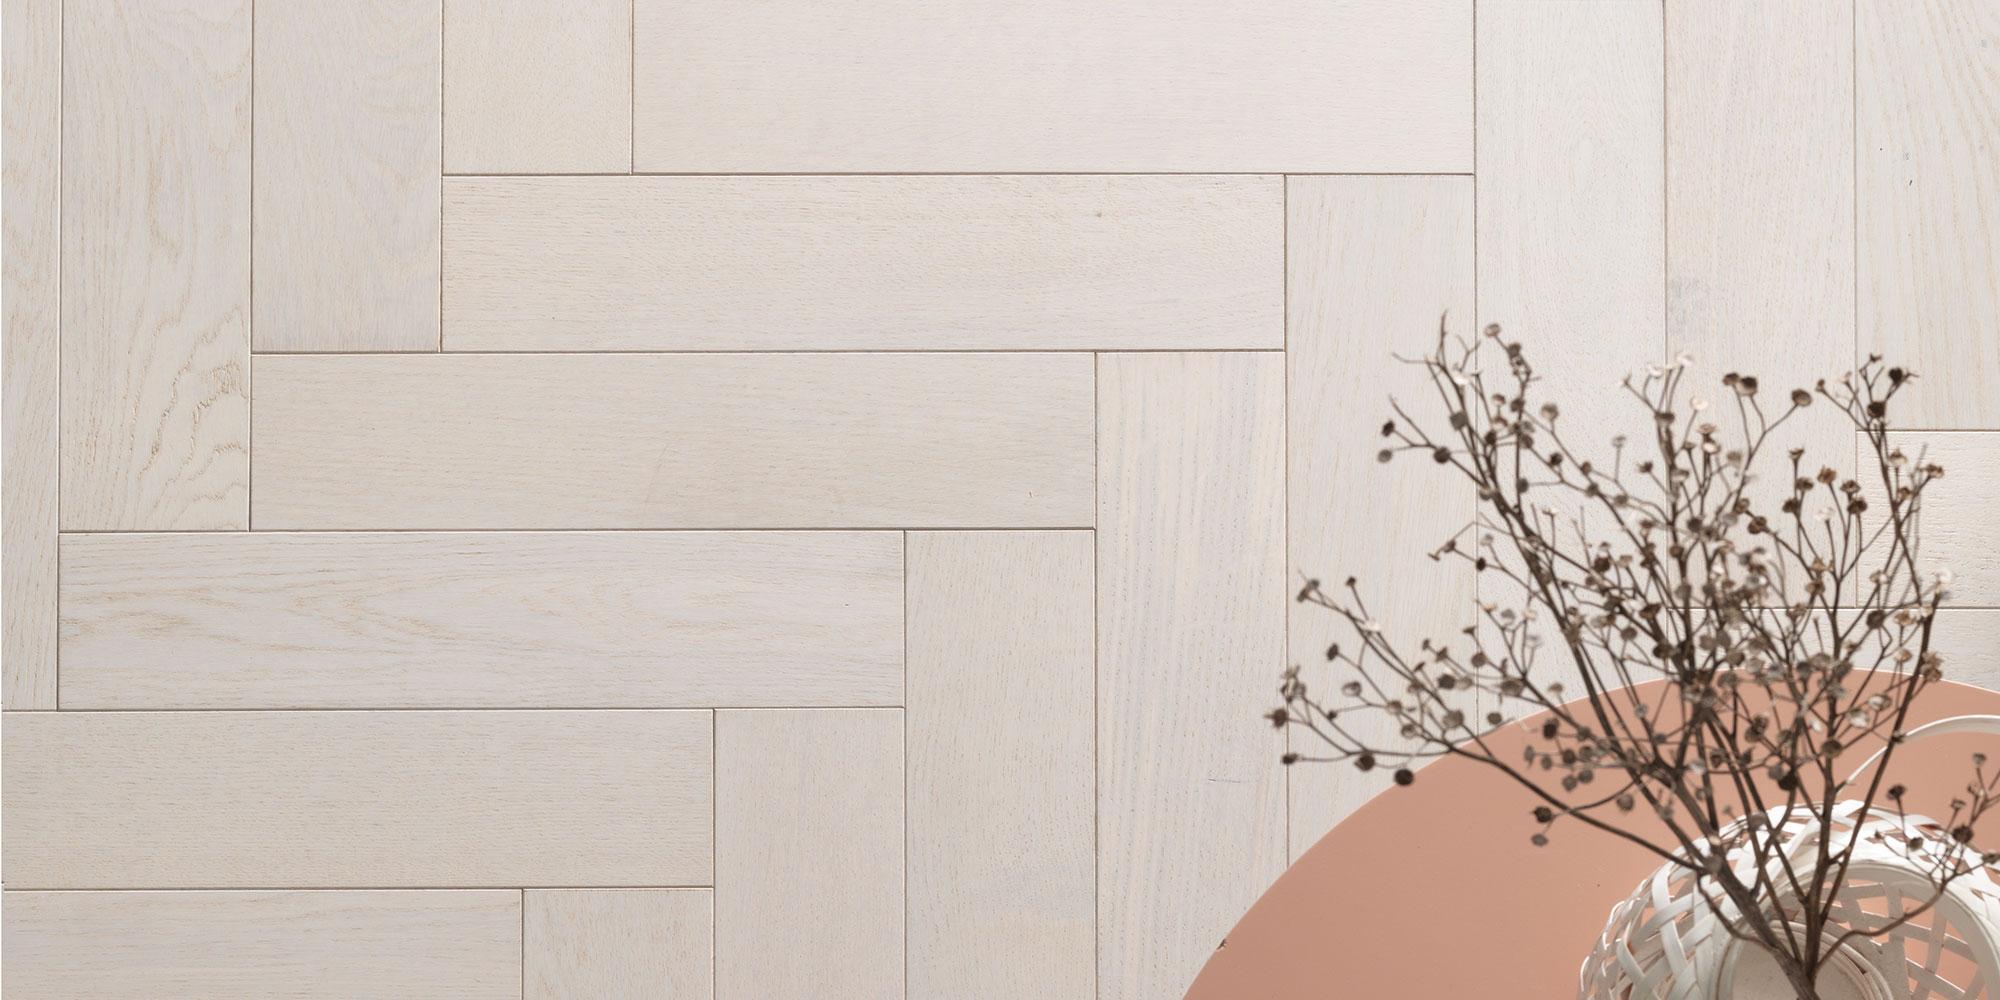 Pale Wood Flooring: Creating the Scandi Look